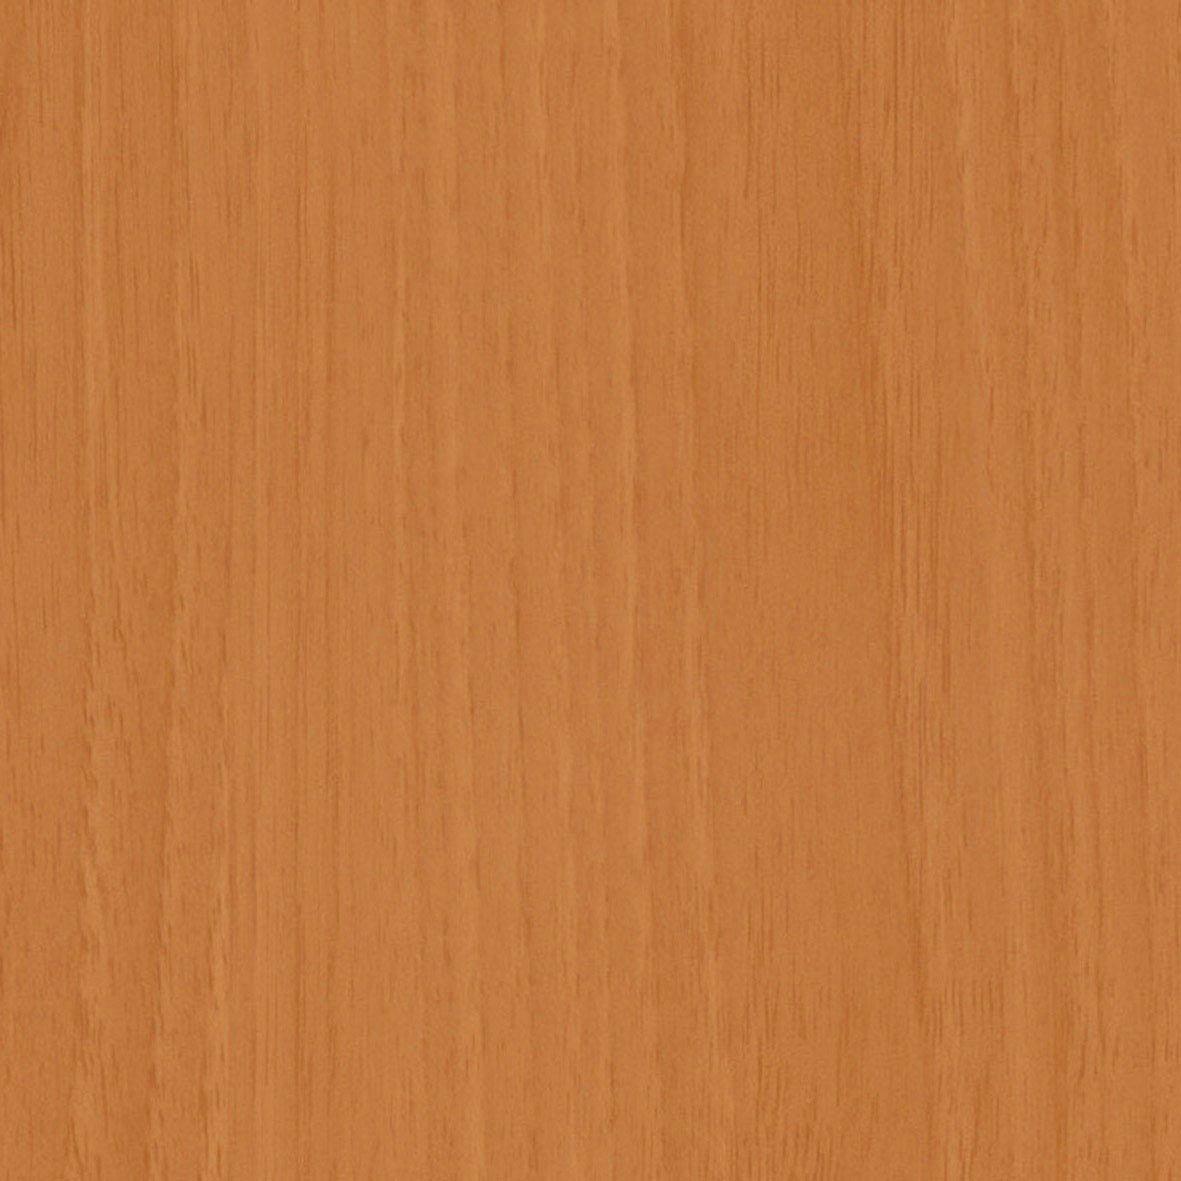 リリカラ 壁紙48m ナチュラル 木目調 ブラウン Wood & Stone LW-2681 B07614FCWX 48m|ブラウン1